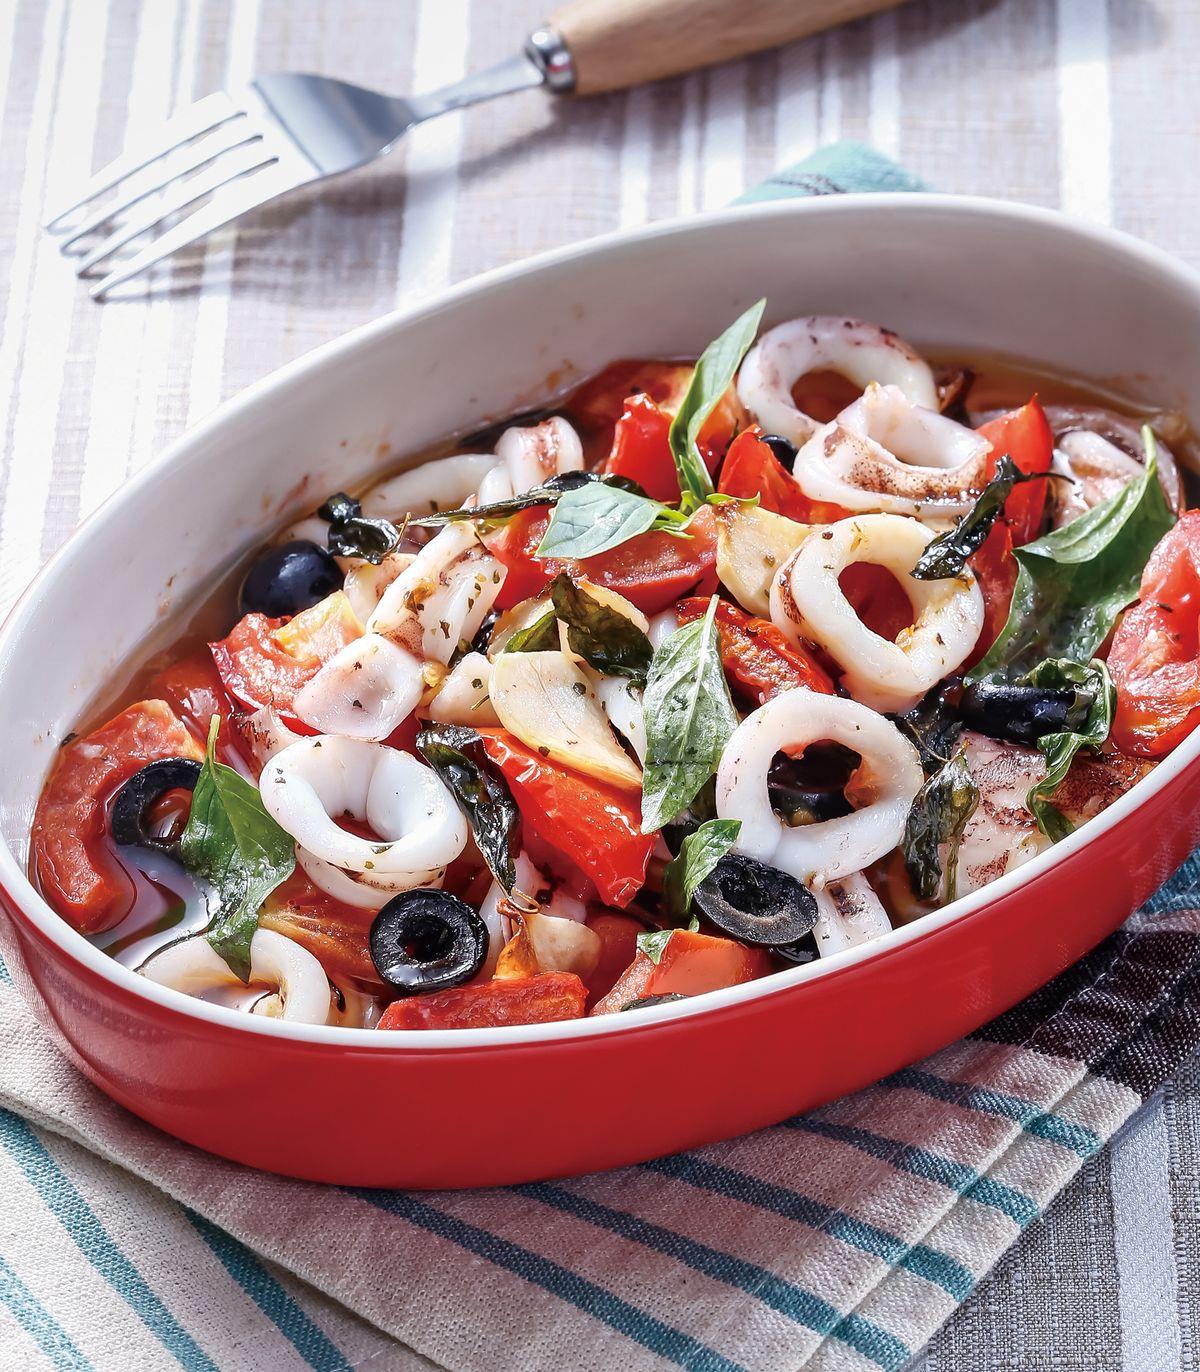 食譜:番茄羅勒烤魷魚